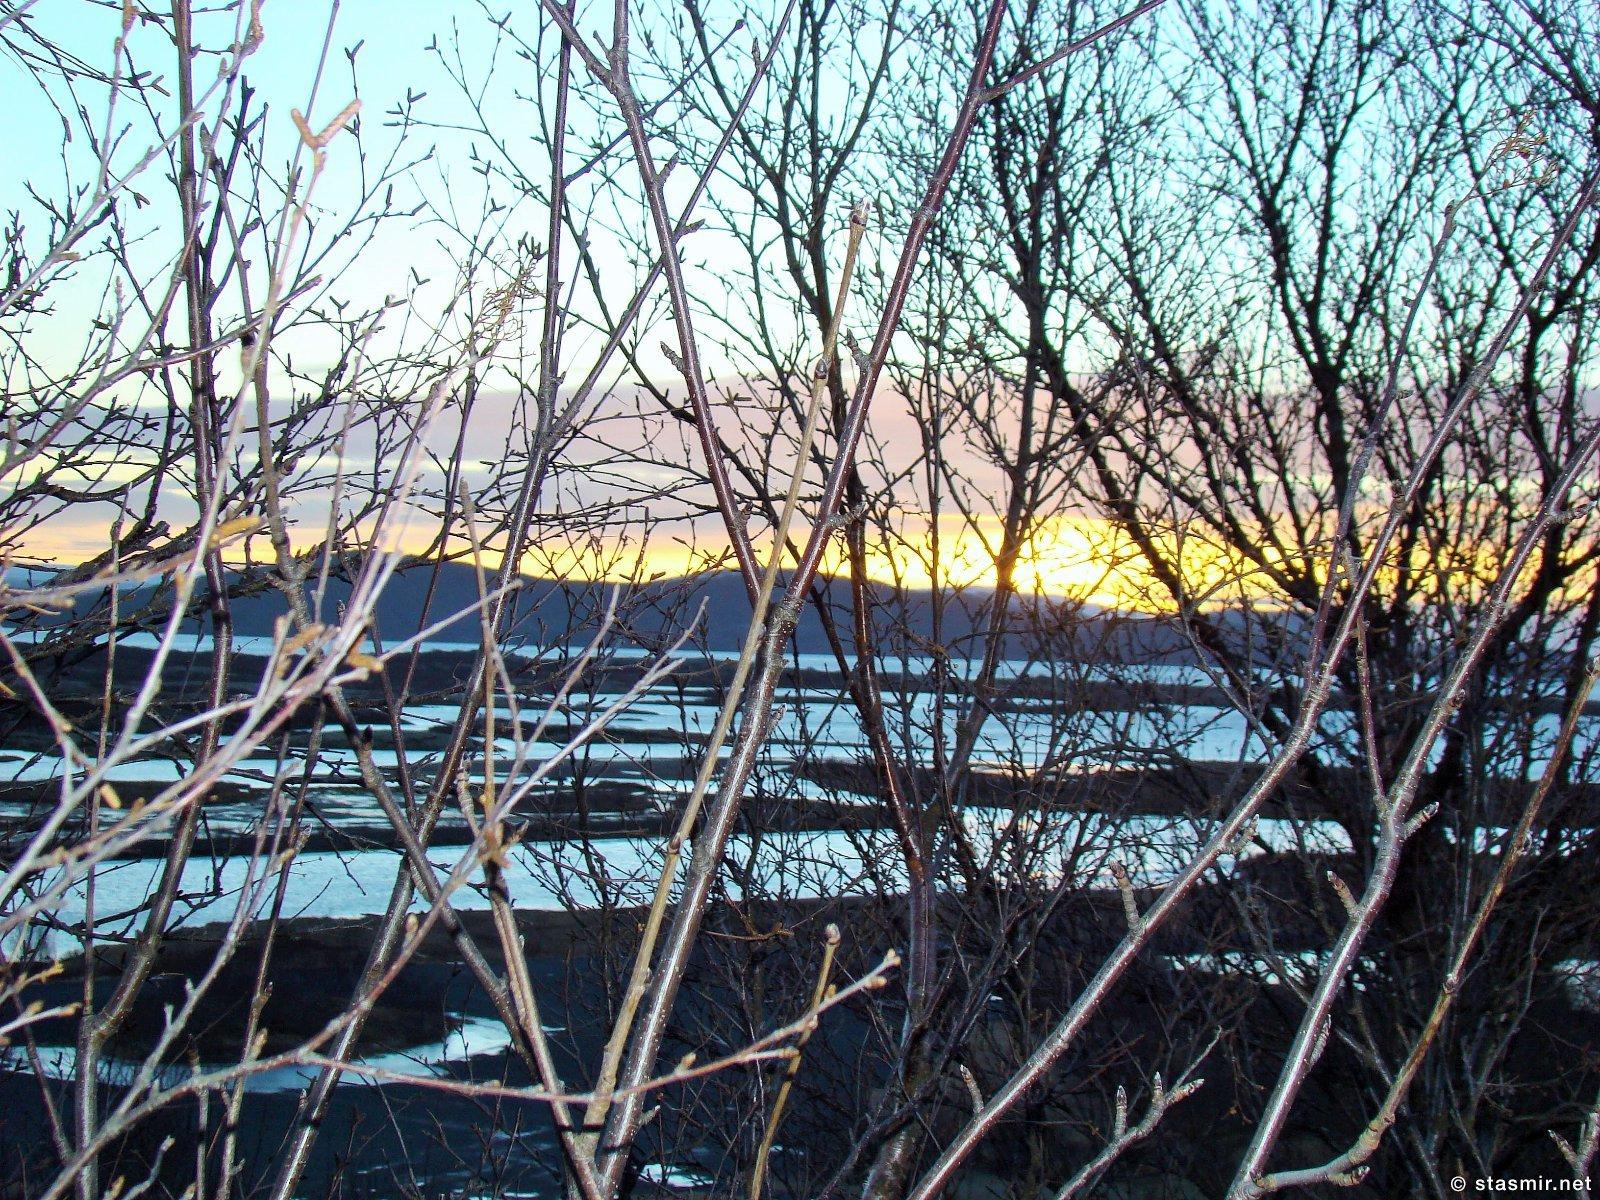 Тингведлир, зимний рассвет в Исландии, фото Стасмир, photo Stasmir